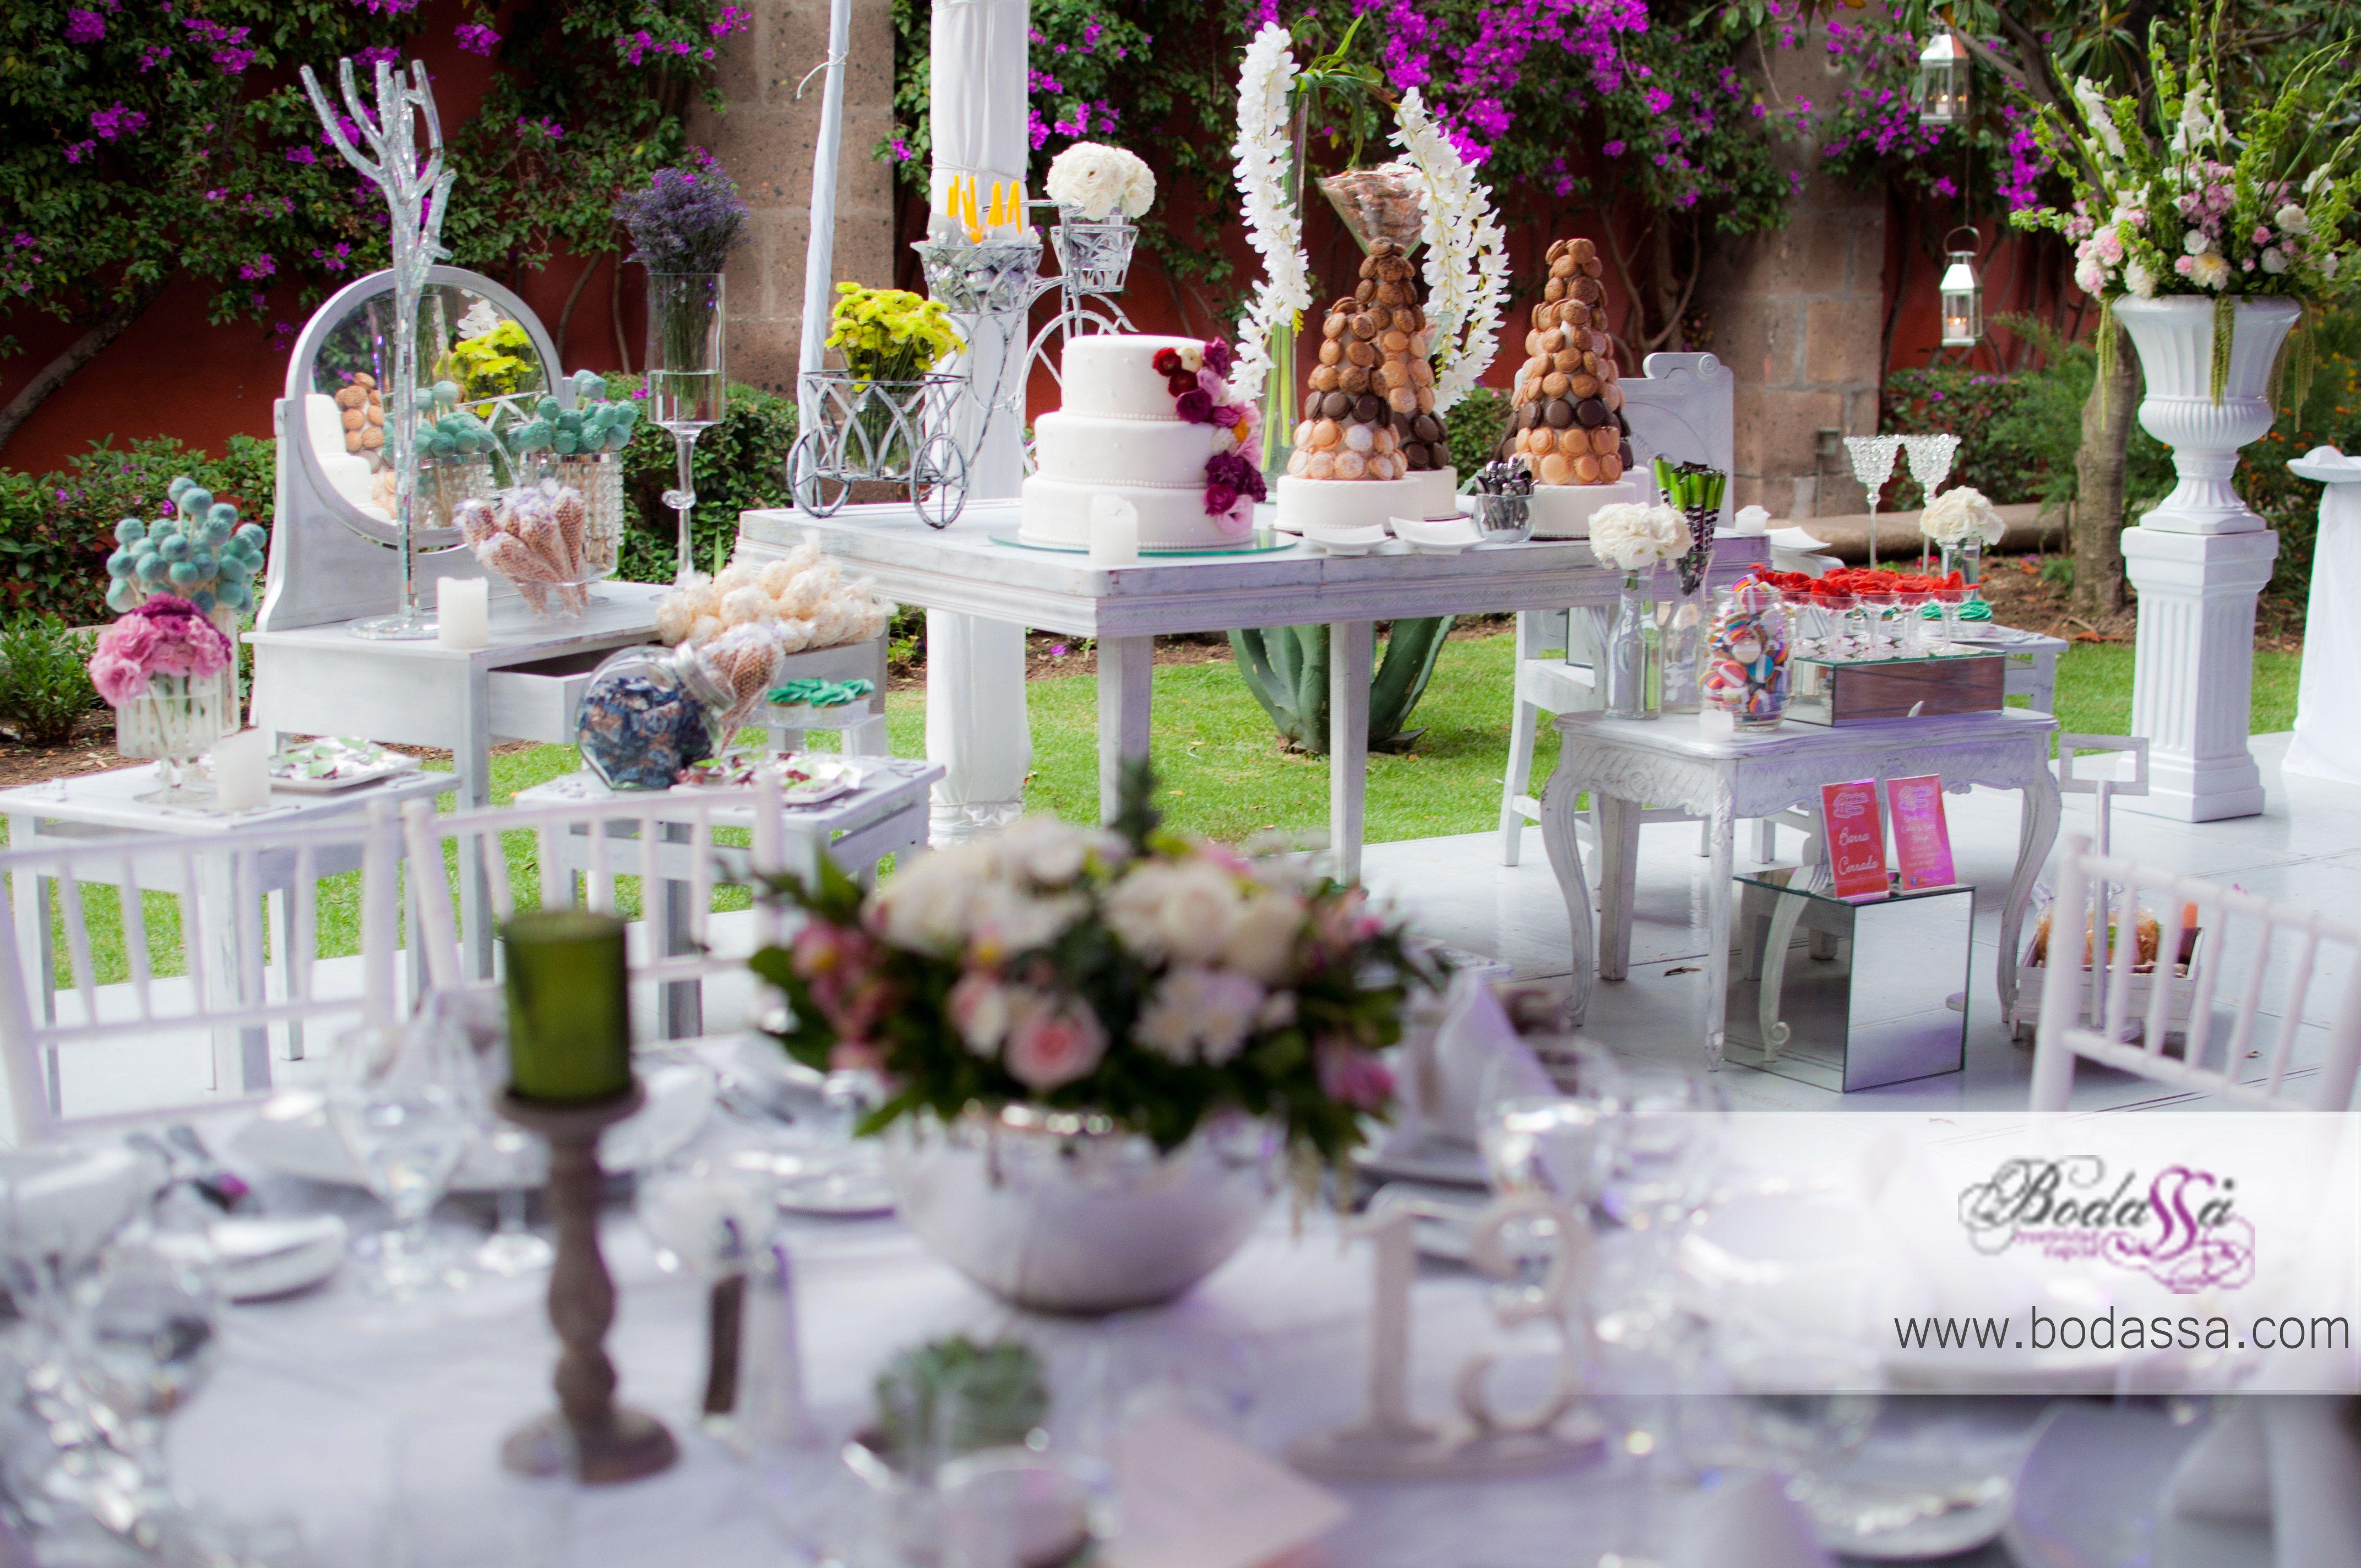 Dulces Y Pasteles De Boda: Pin De Bodassa Wedding Planner En Barras Dulces Y Pasteles